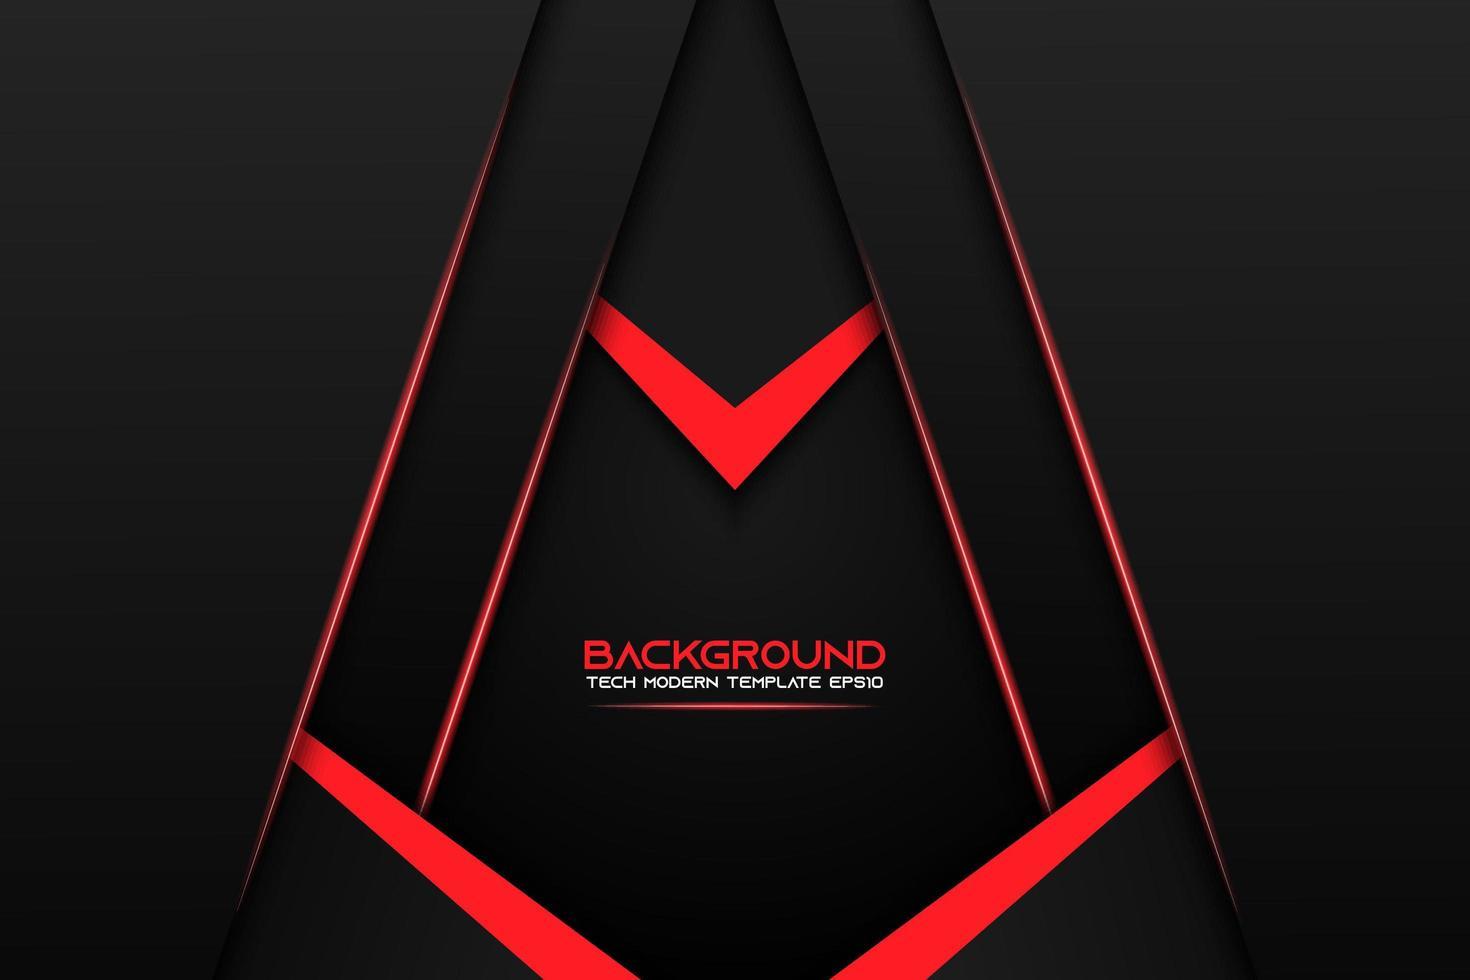 fundo preto ângulo em camadas com detalhes vermelhos vetor